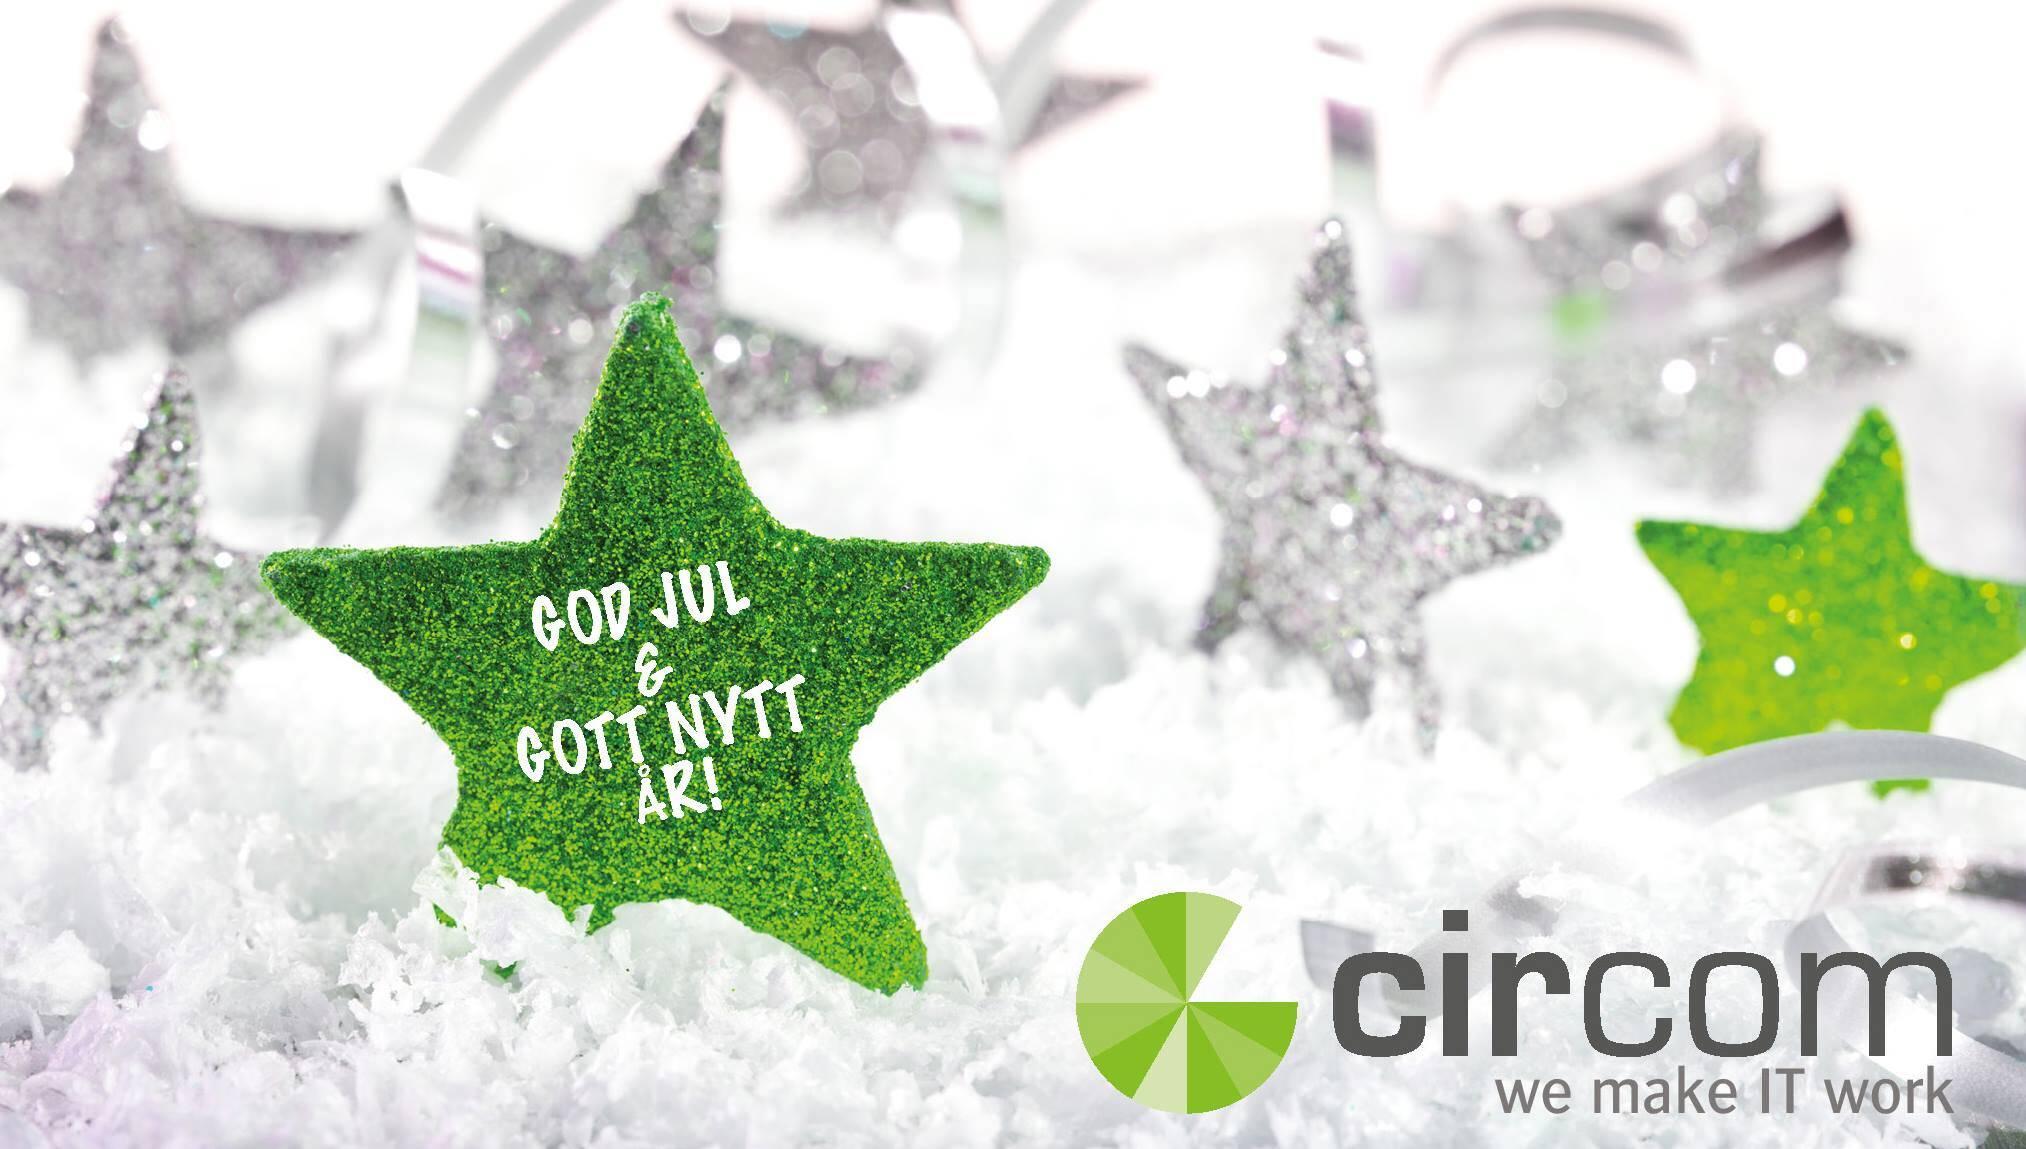 Circom-it-solutions-onskar-alla-god-jul-och-gott-nytt-ar